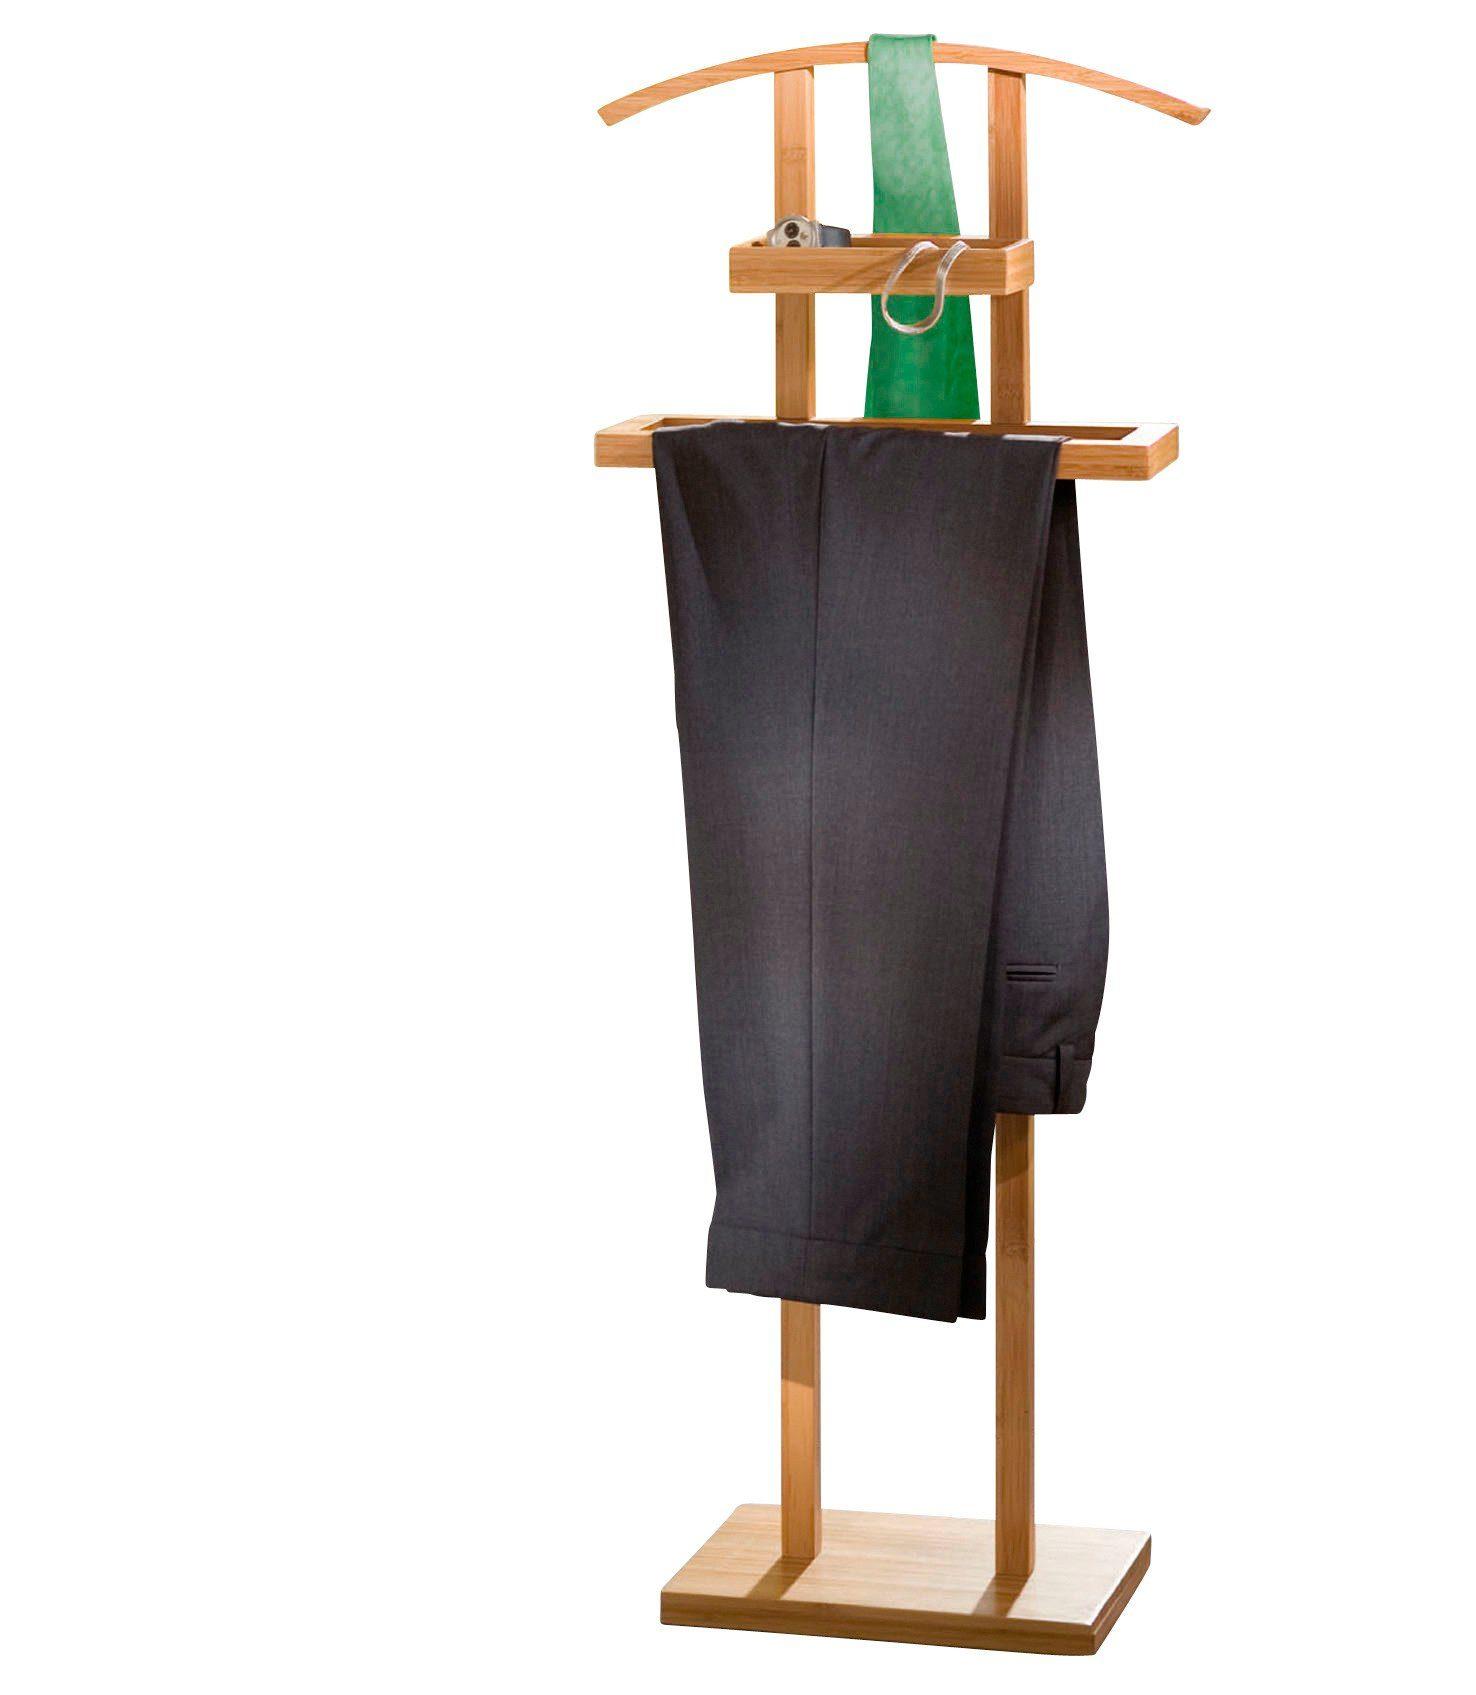 Herrendiener »Bamboo«, Höhe 113 cm